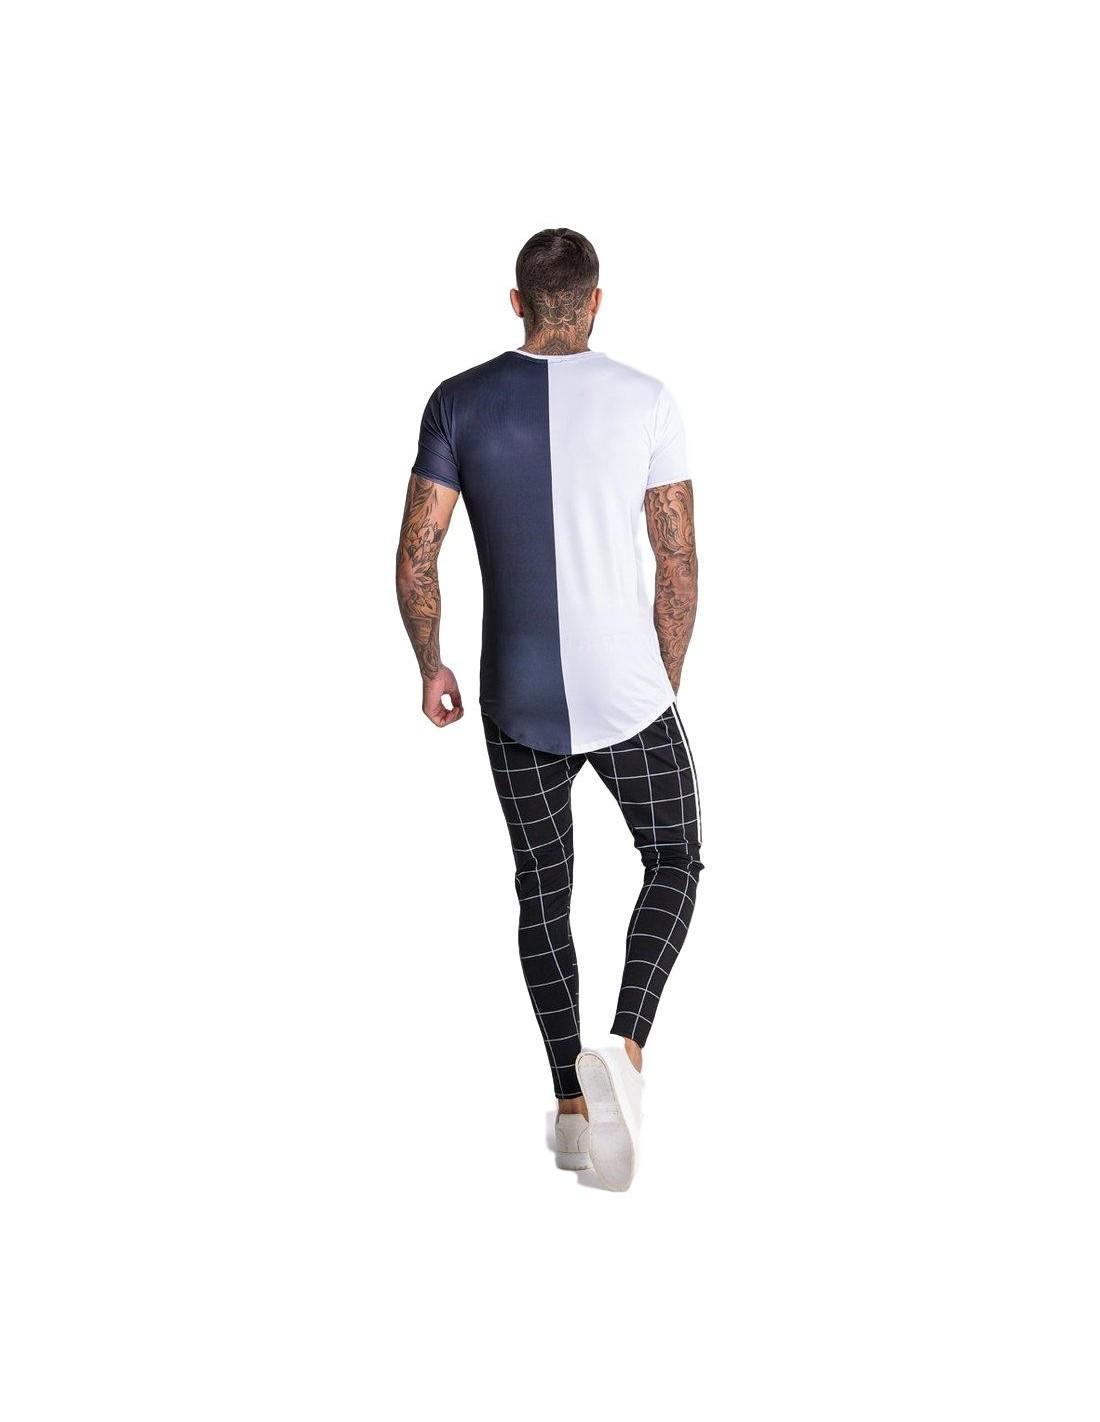 Cow-boy pantalon de SikSilk drop crotch noir